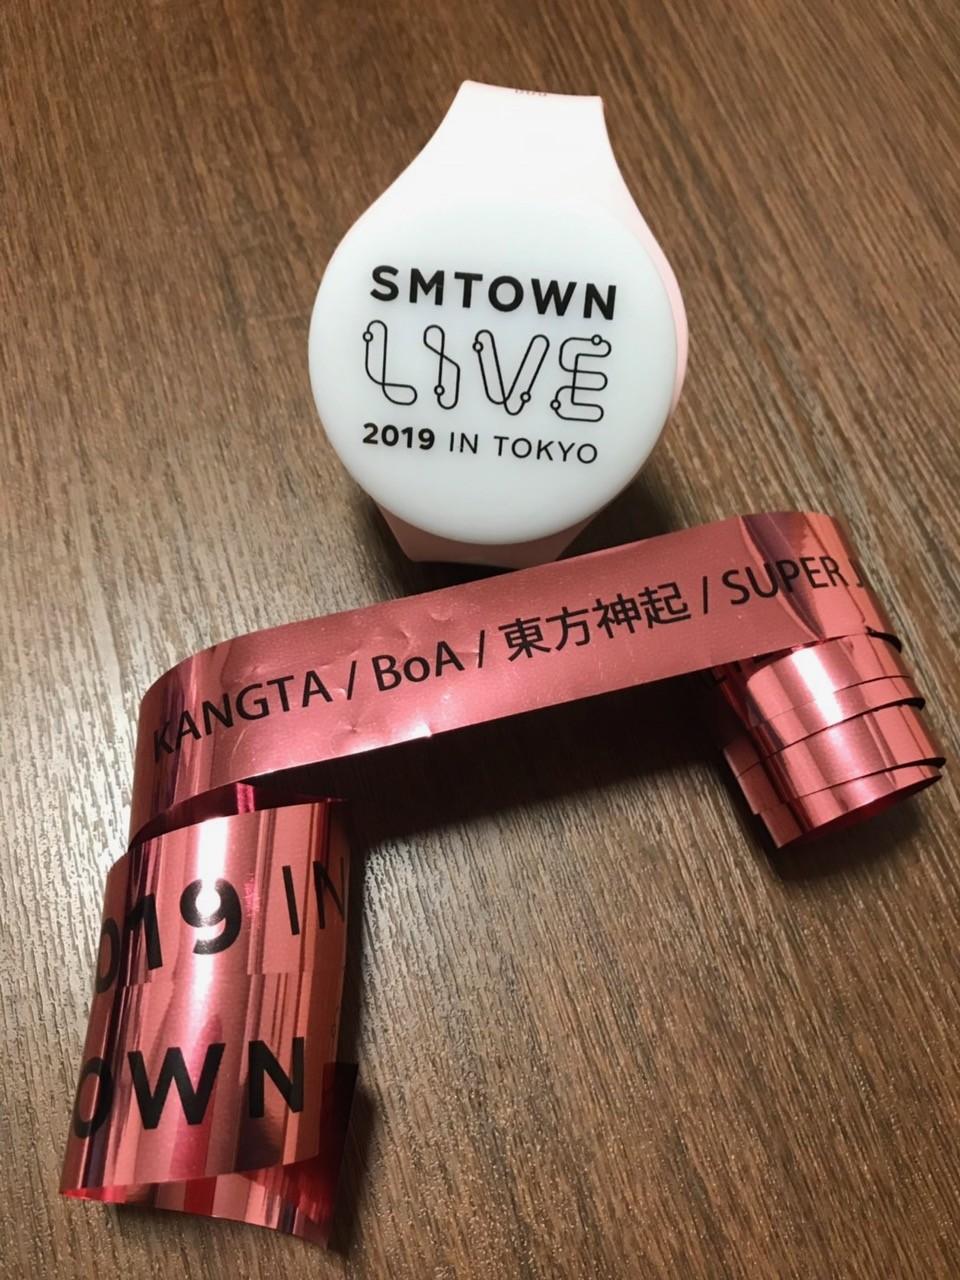 毎年夏に行われている人気アイドルが参加するSMTOWNのLIVEのグッズとテープ